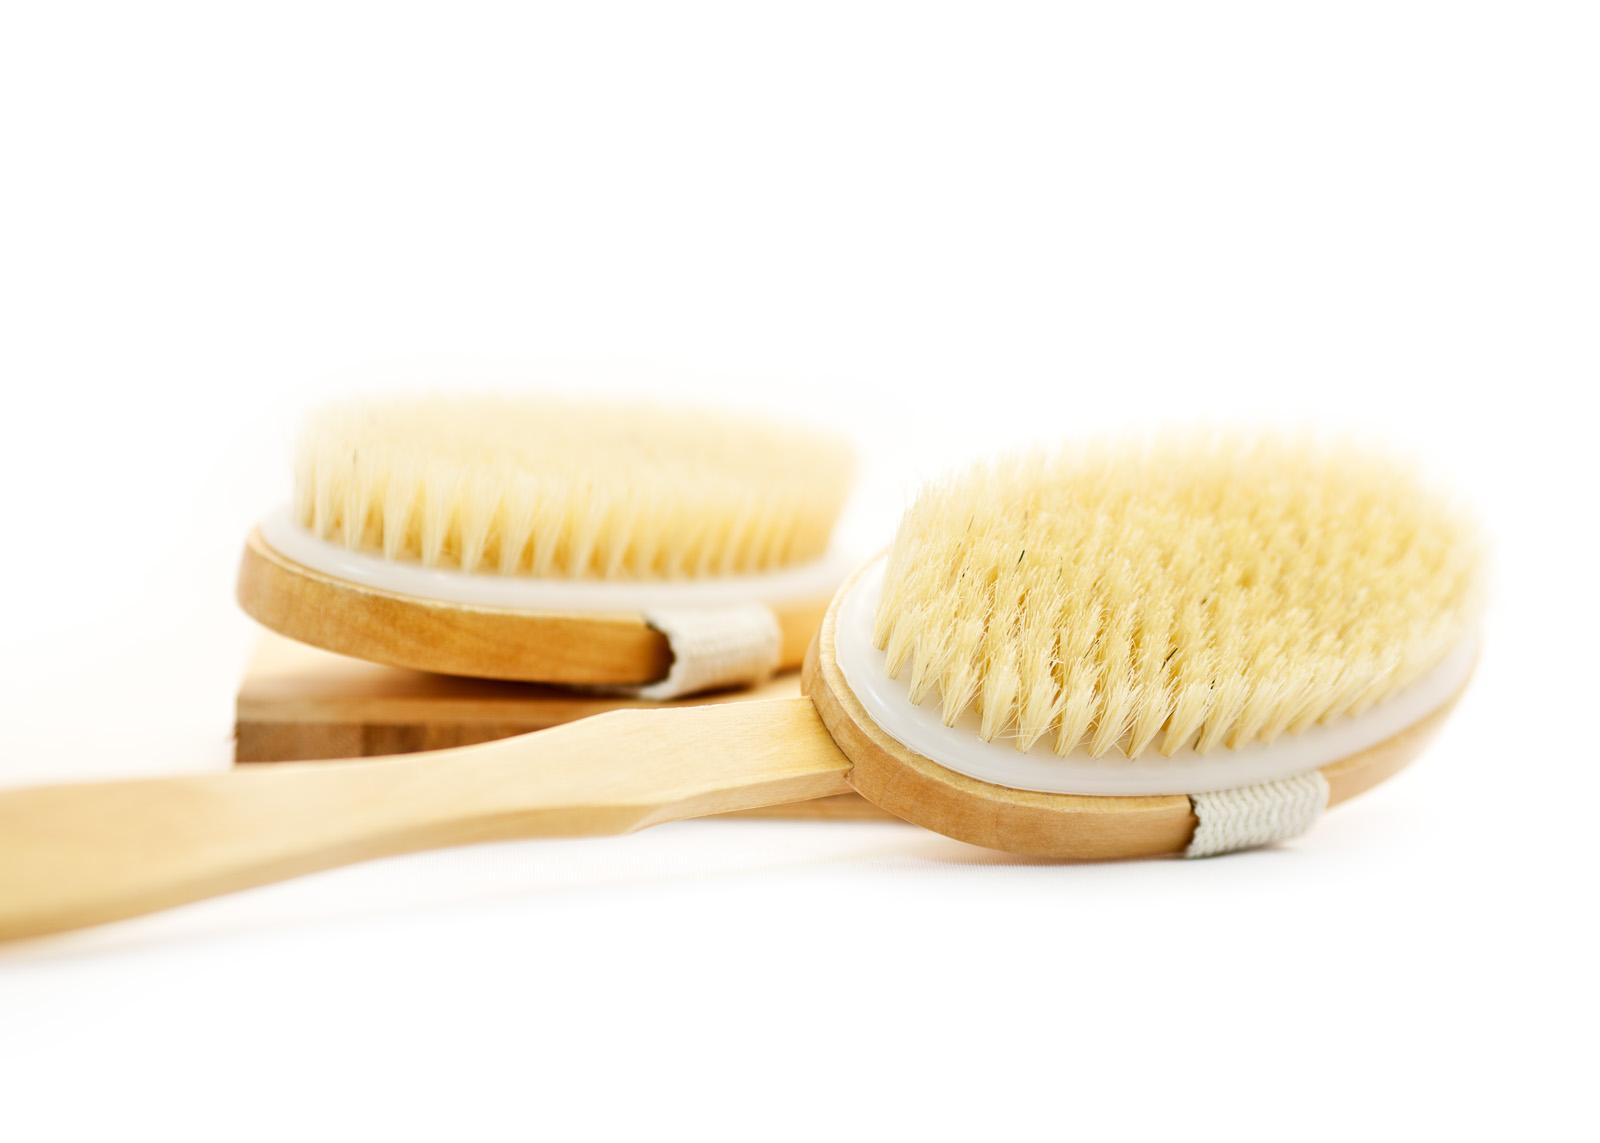 Dry skin brushing improves cellulite.